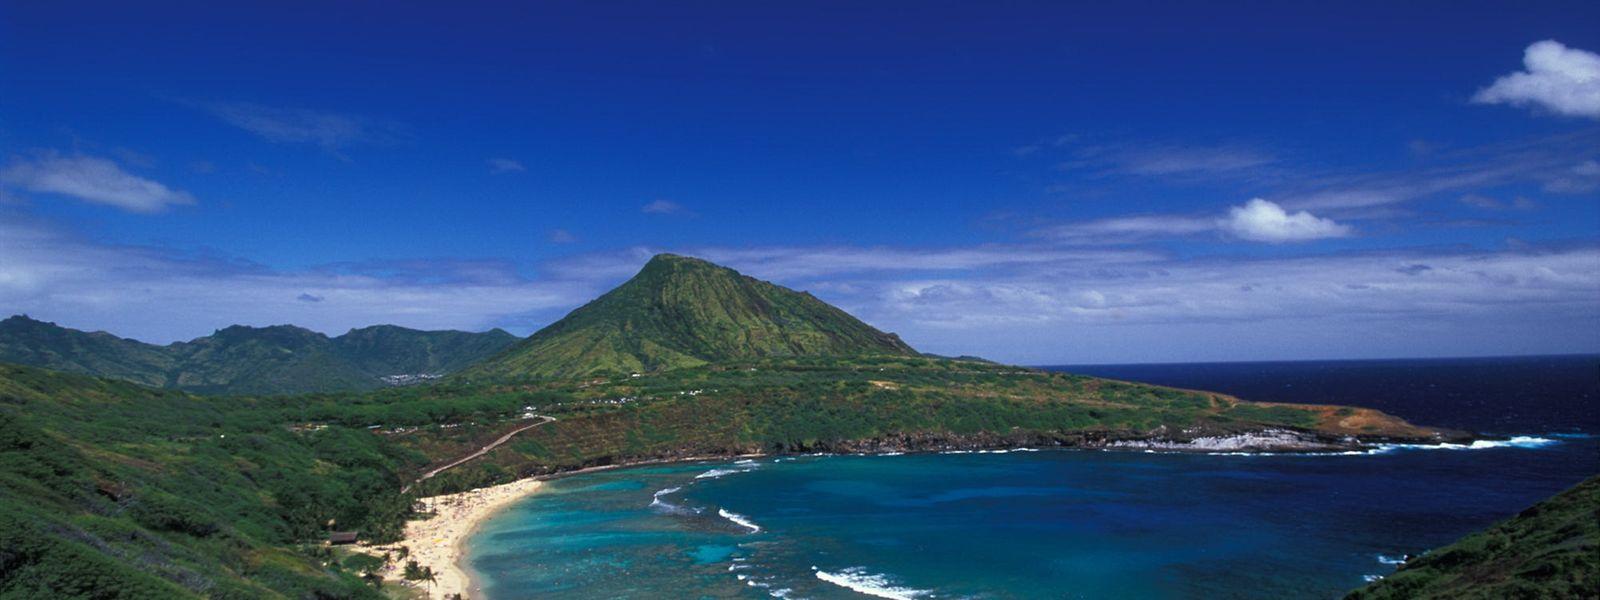 Wilde Natur und Traumstrände: Hawaii ist ein beliebtes Touristenziel.